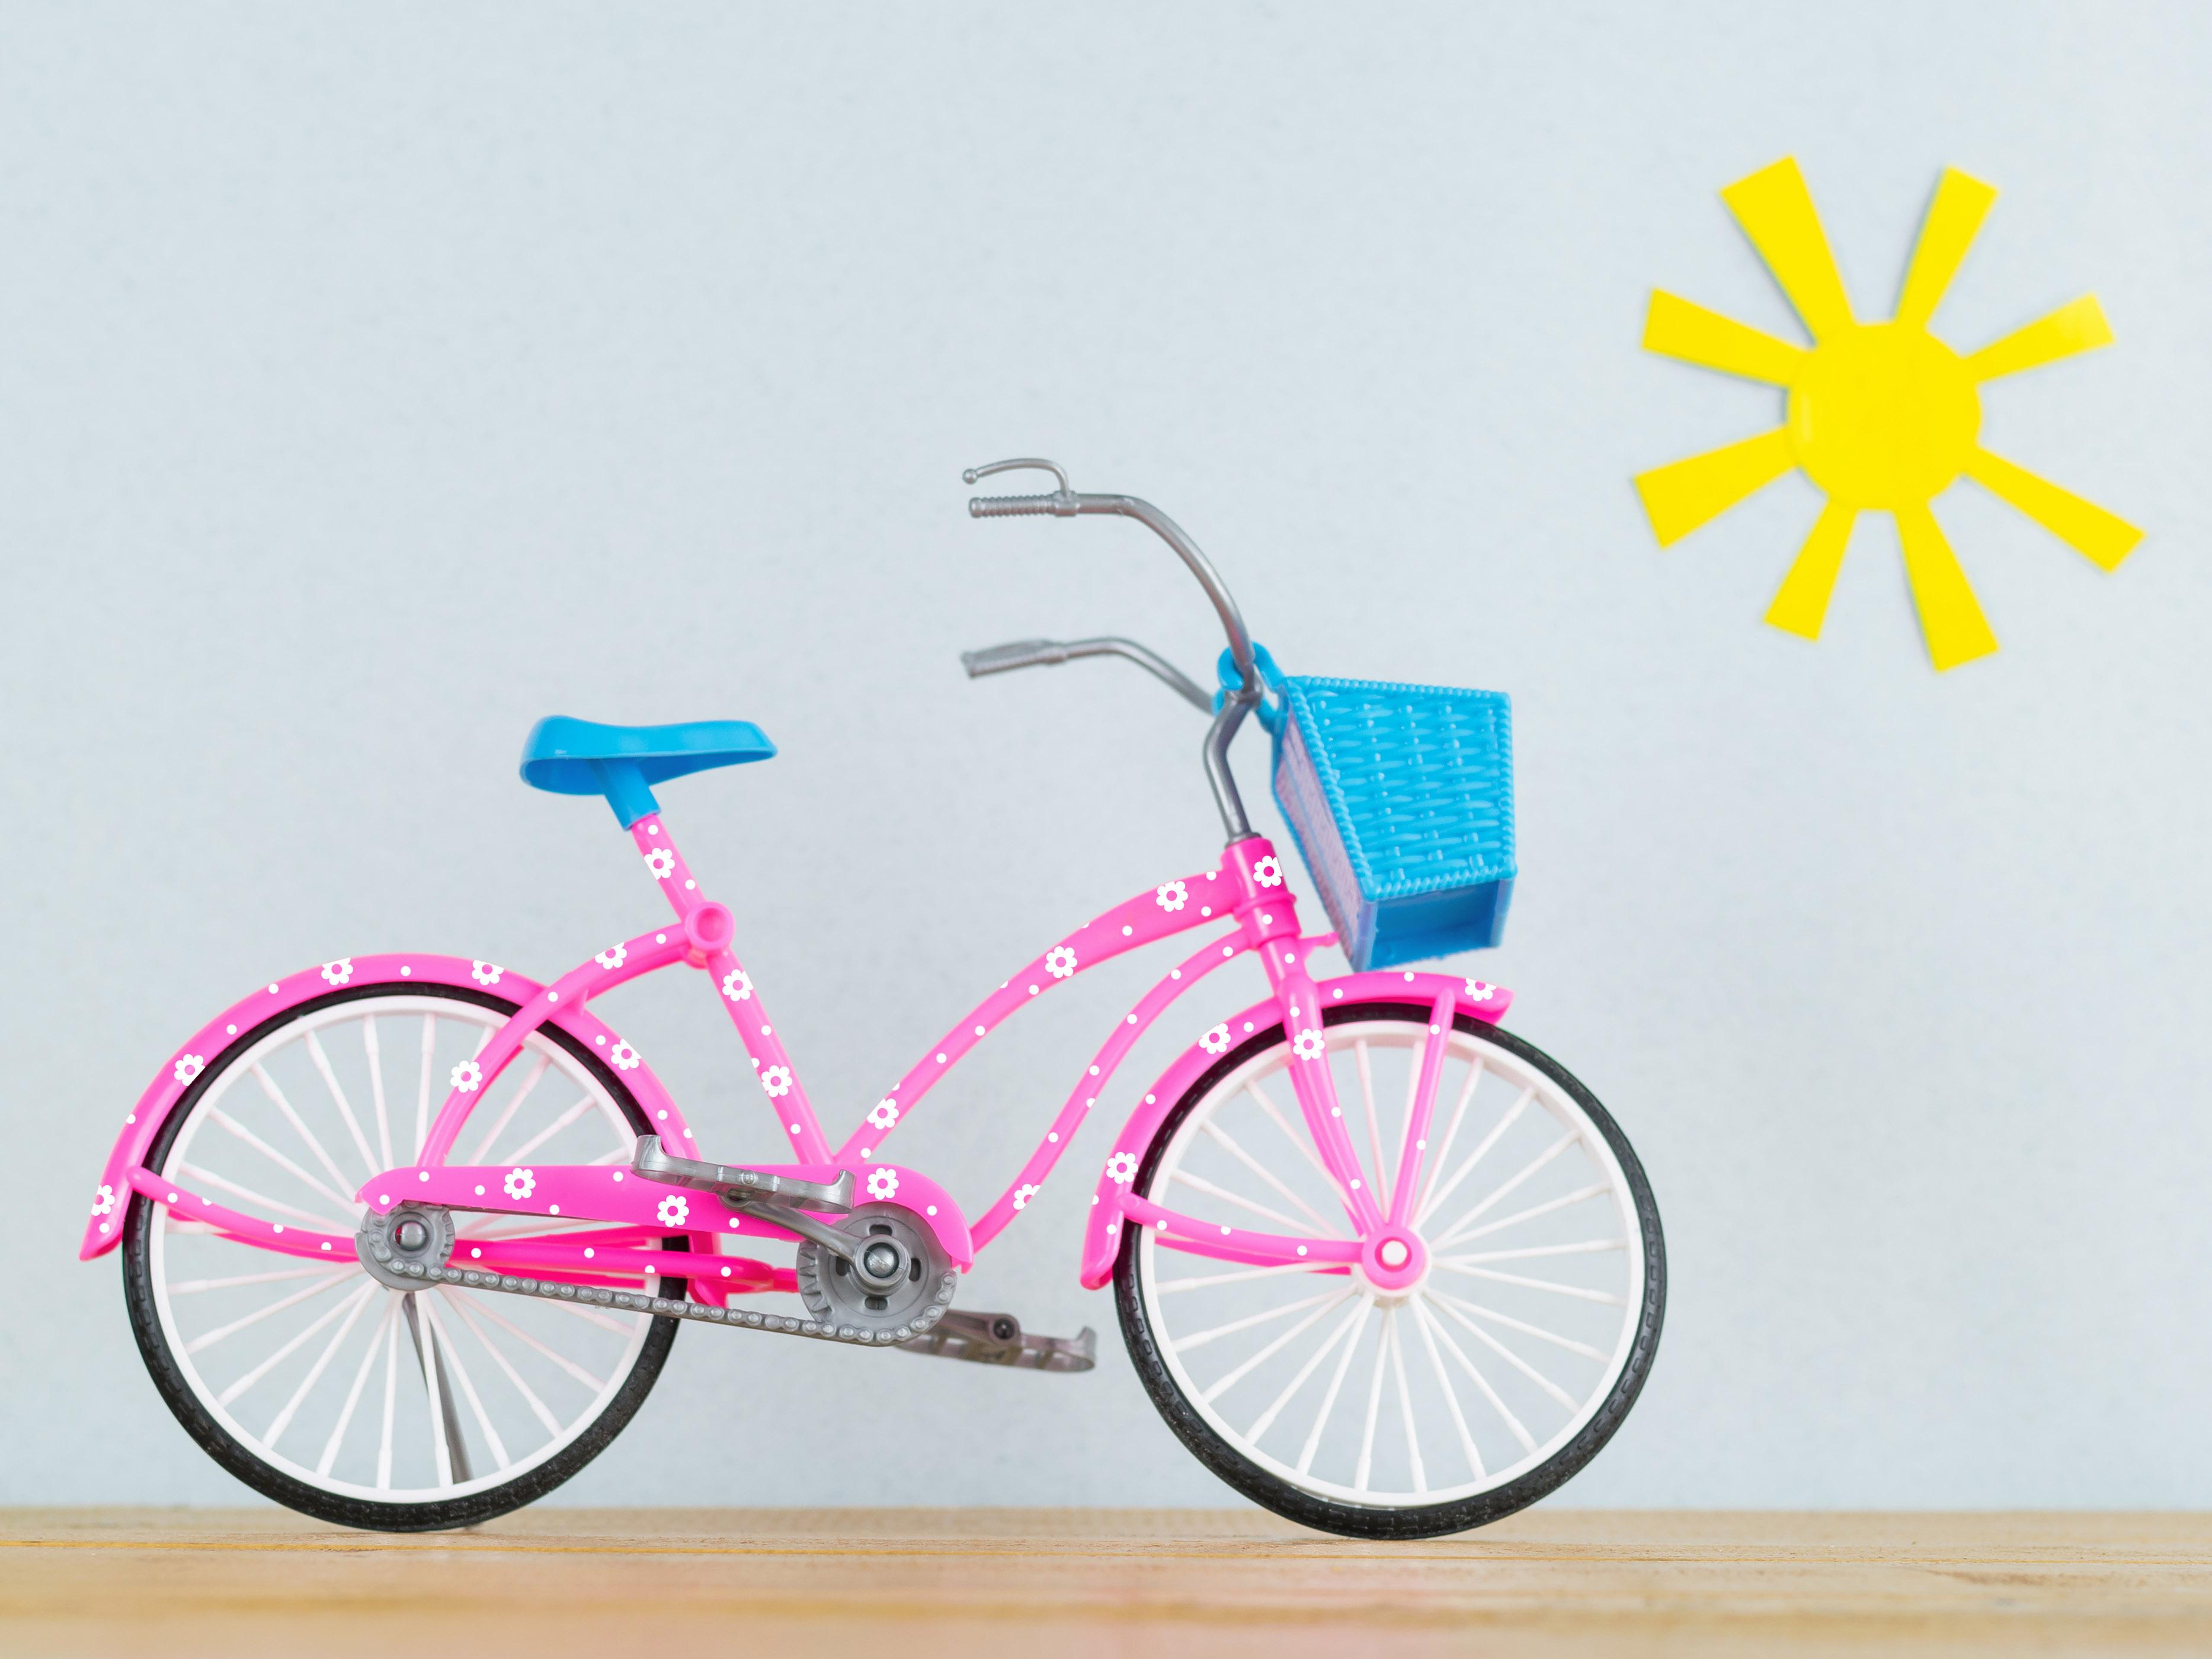 Fahrradaufkleber ❀ Set Blumen 4cm und Punkte 1cm 84 Stück zum selberkleben wetterfest Fahrradsticker